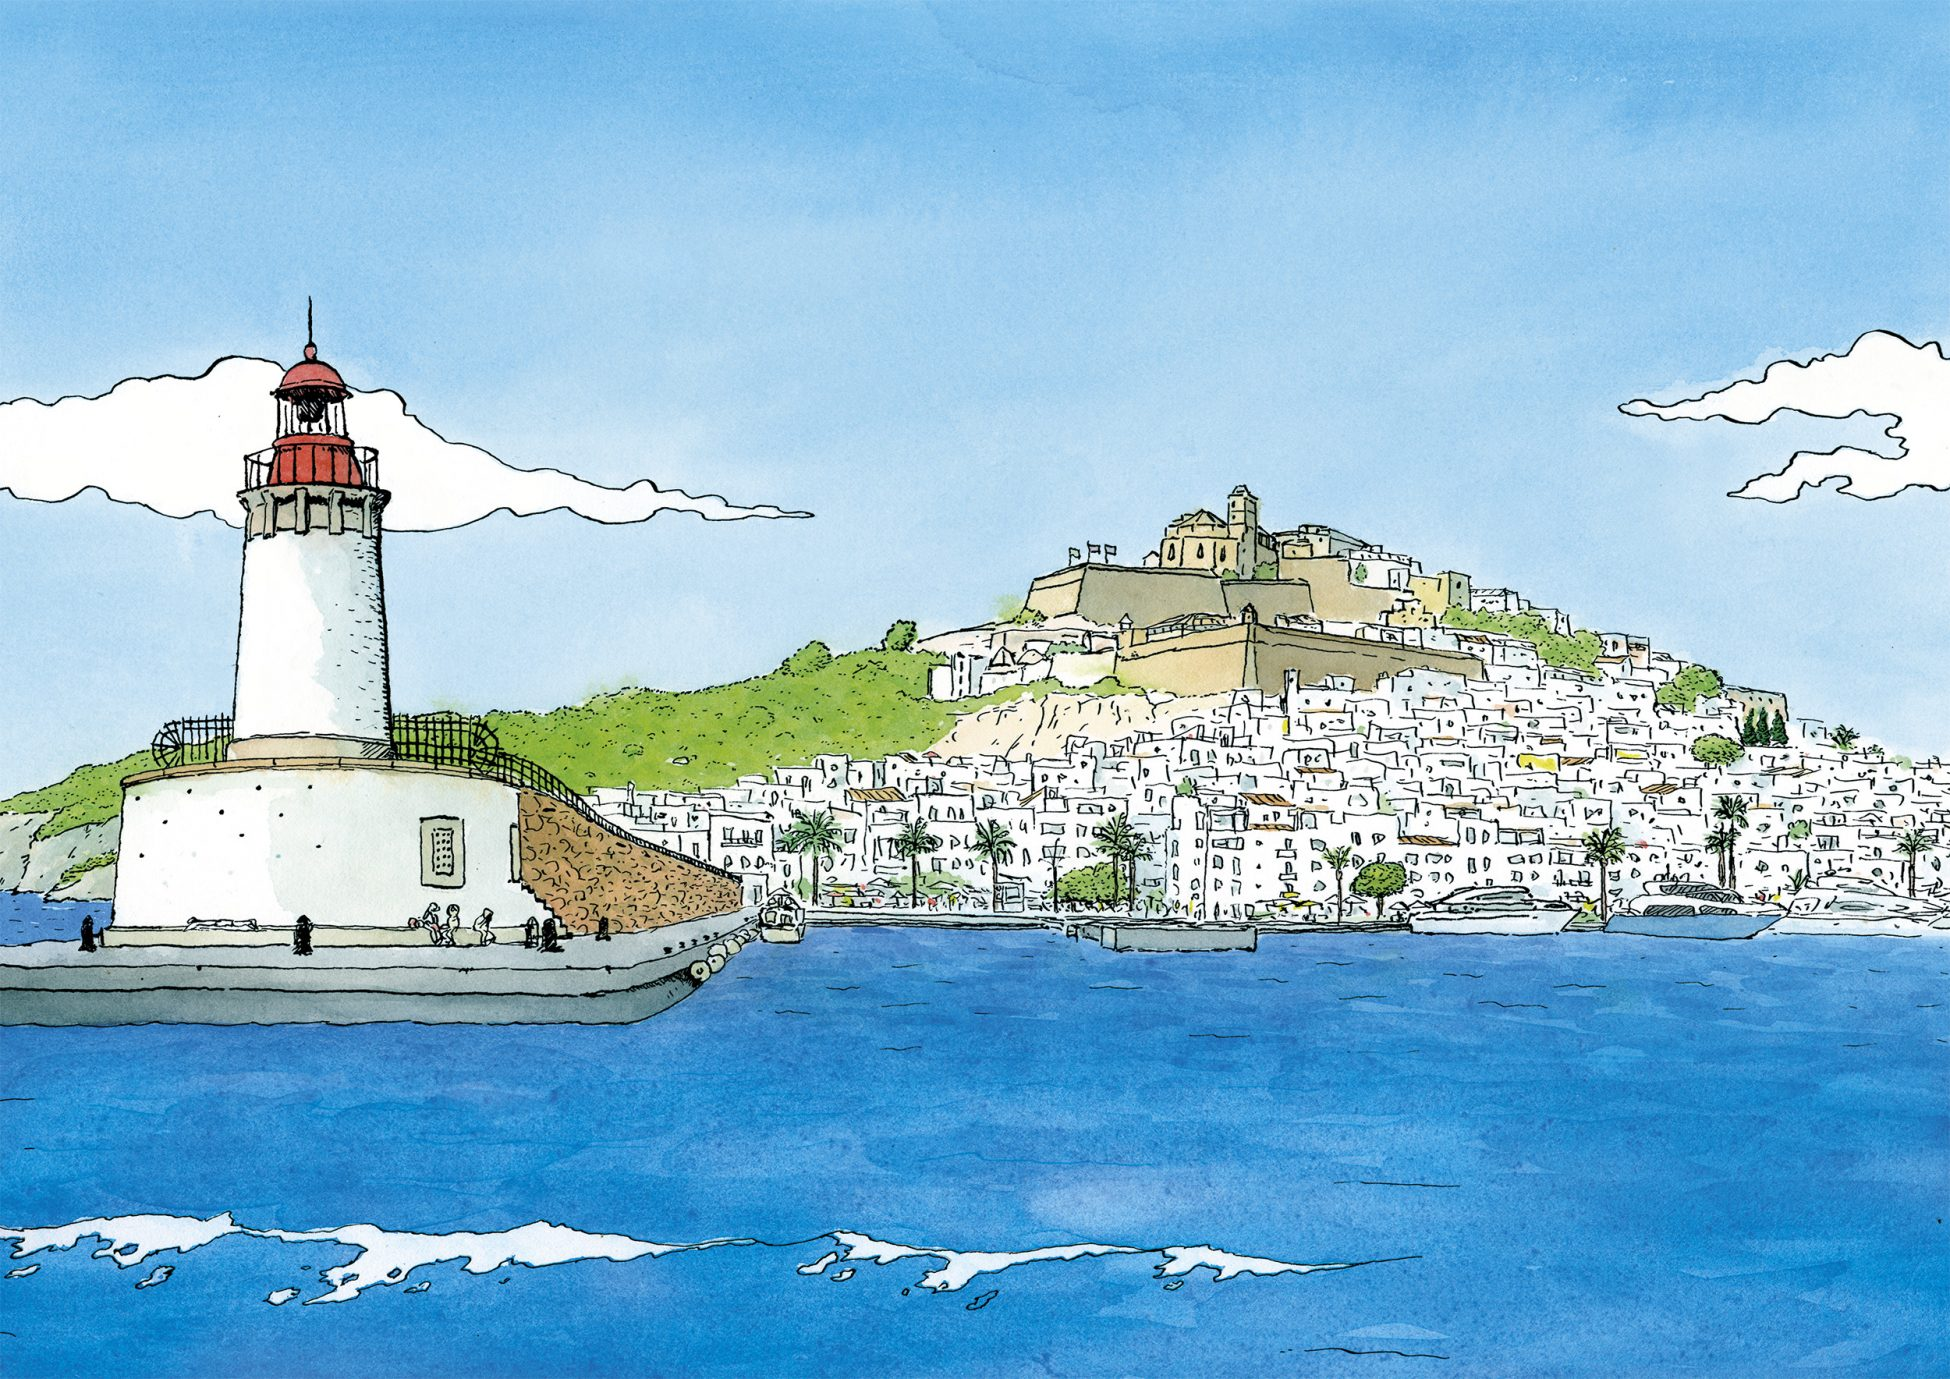 Cuadro decorativo para enmarcar con una ilustración en acuarela del Puerto de Eivissa y Dalt Vila en la isla de Ibiza. Lámina disponible para comprar online.